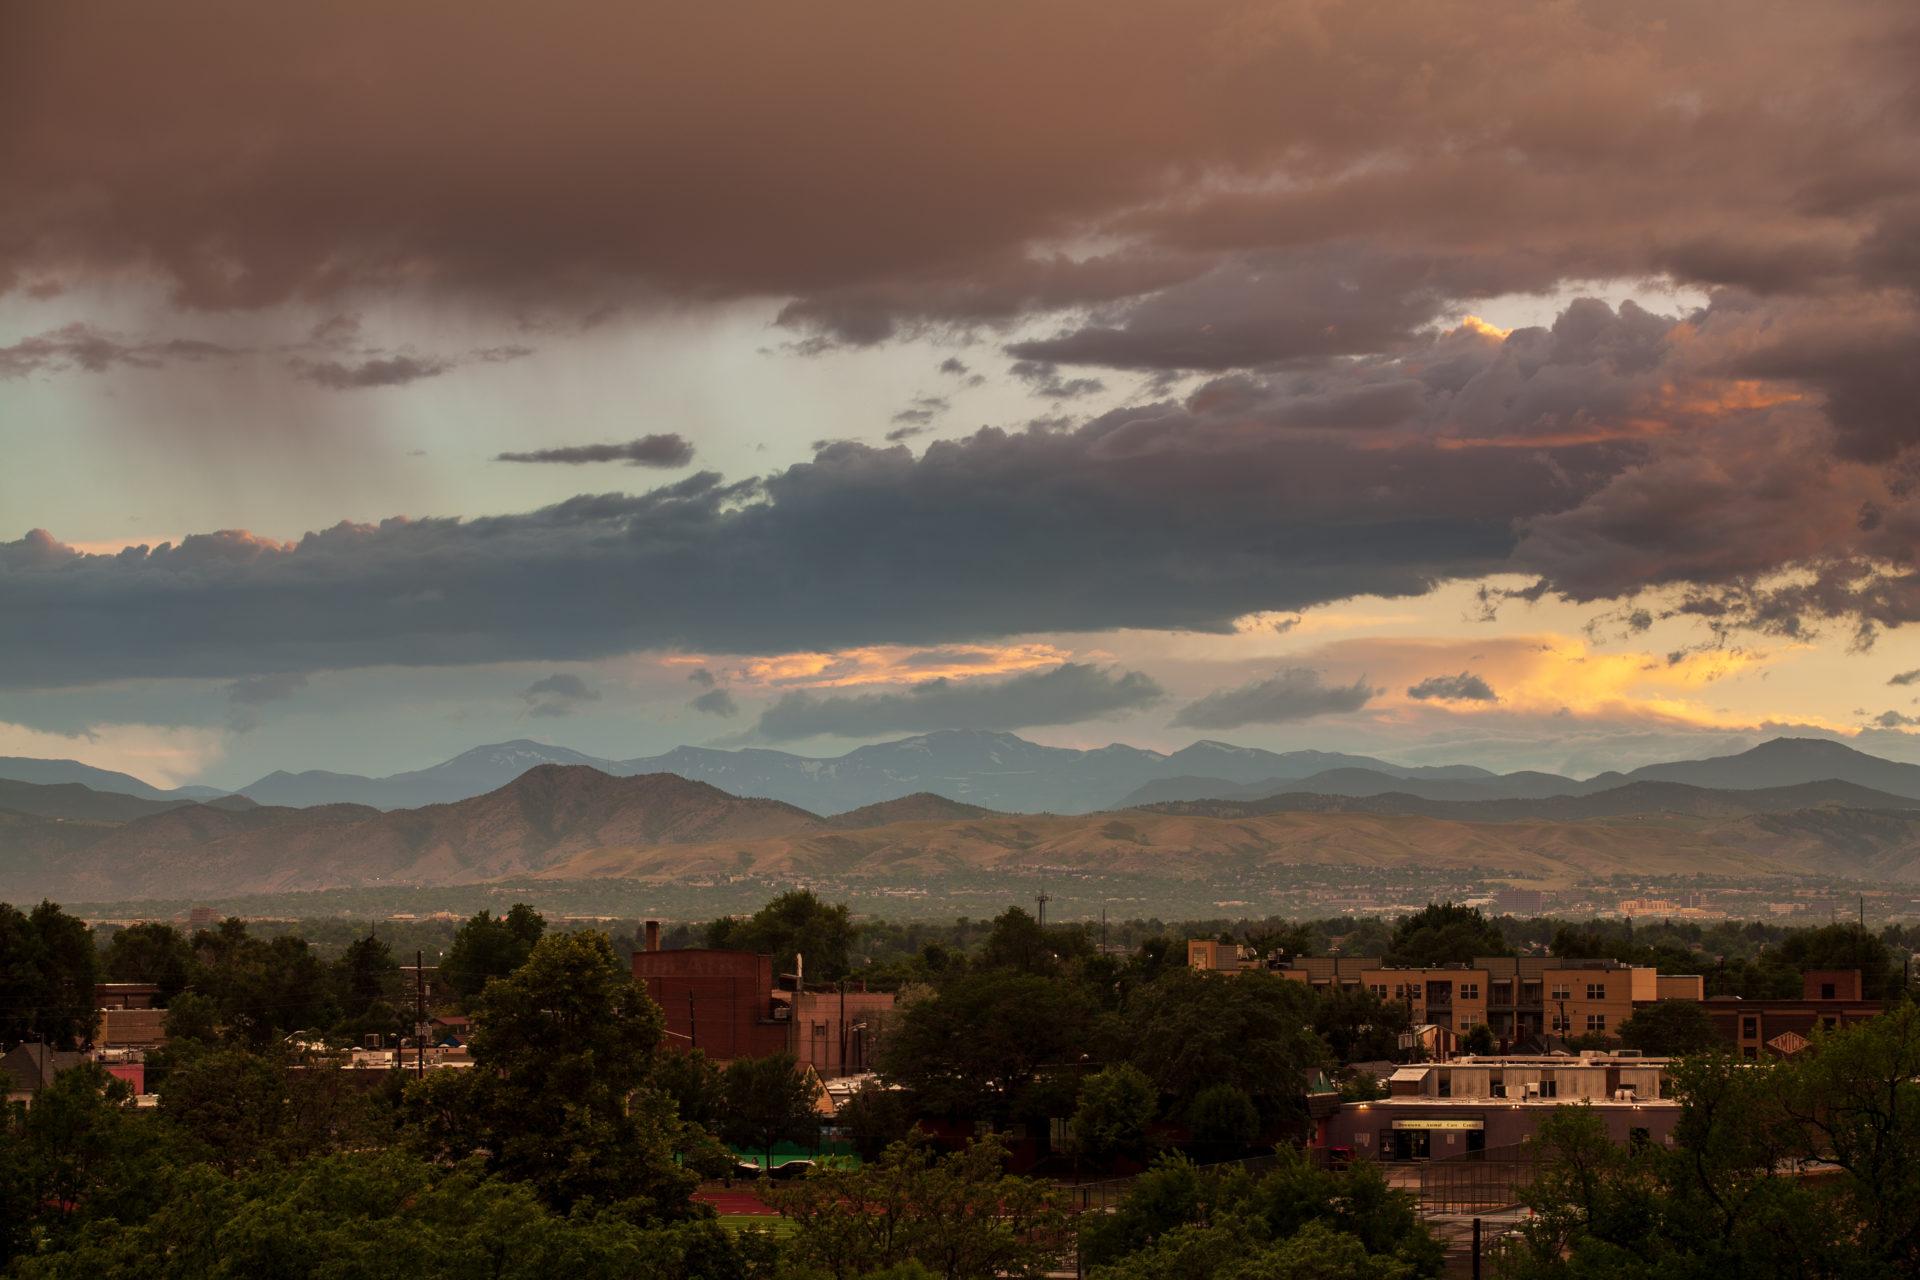 Mount Evans sunset - July 8, 2011